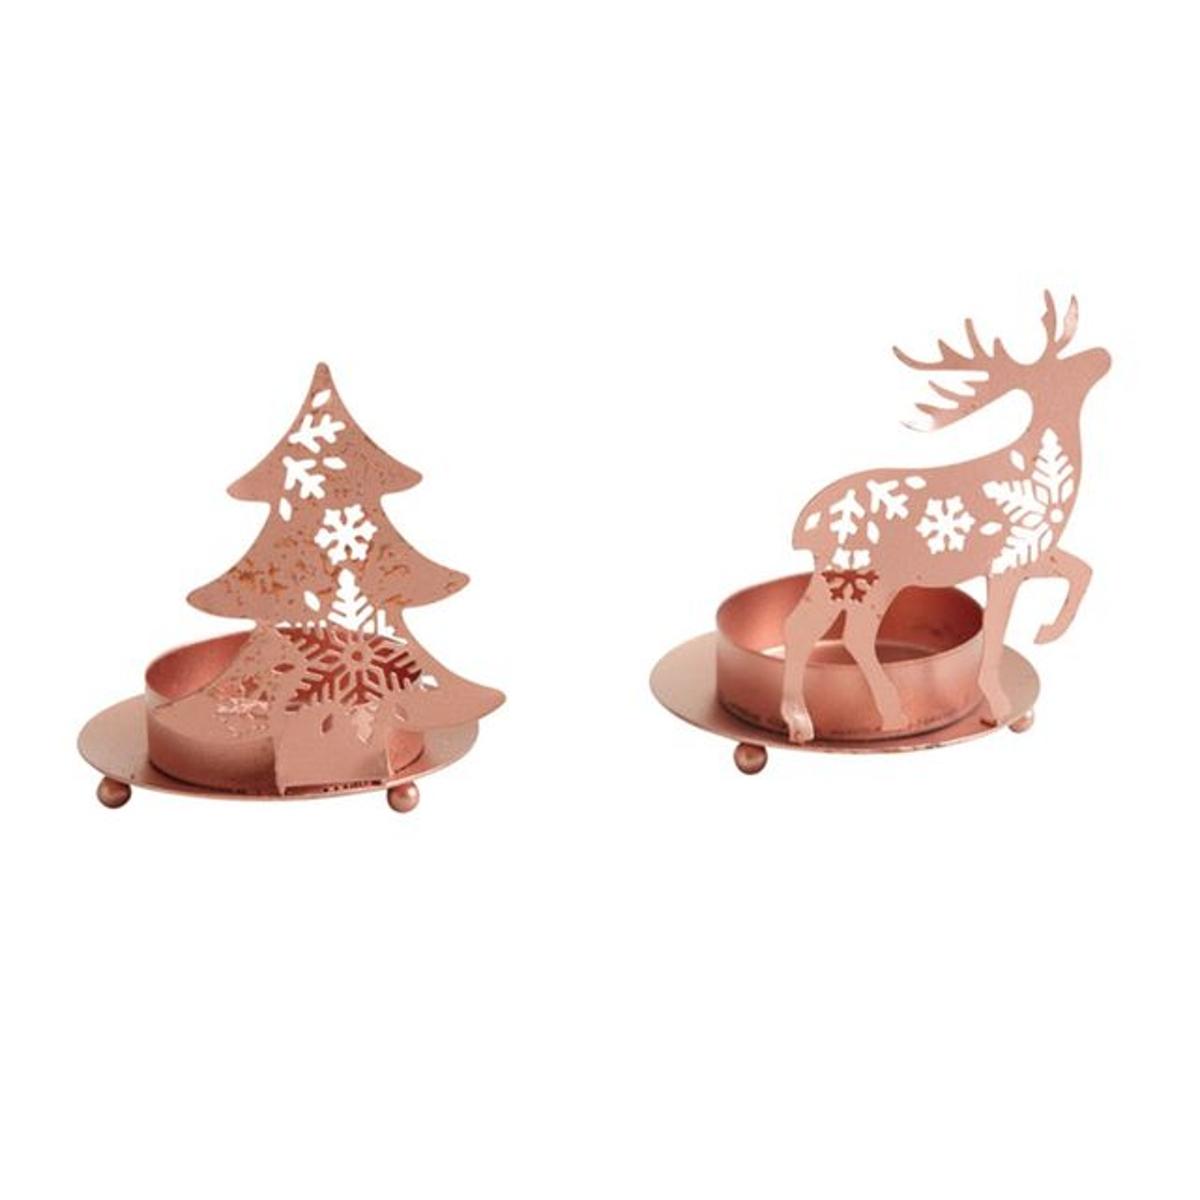 Photophore de Noël en métal cuivré (Lot de 2)